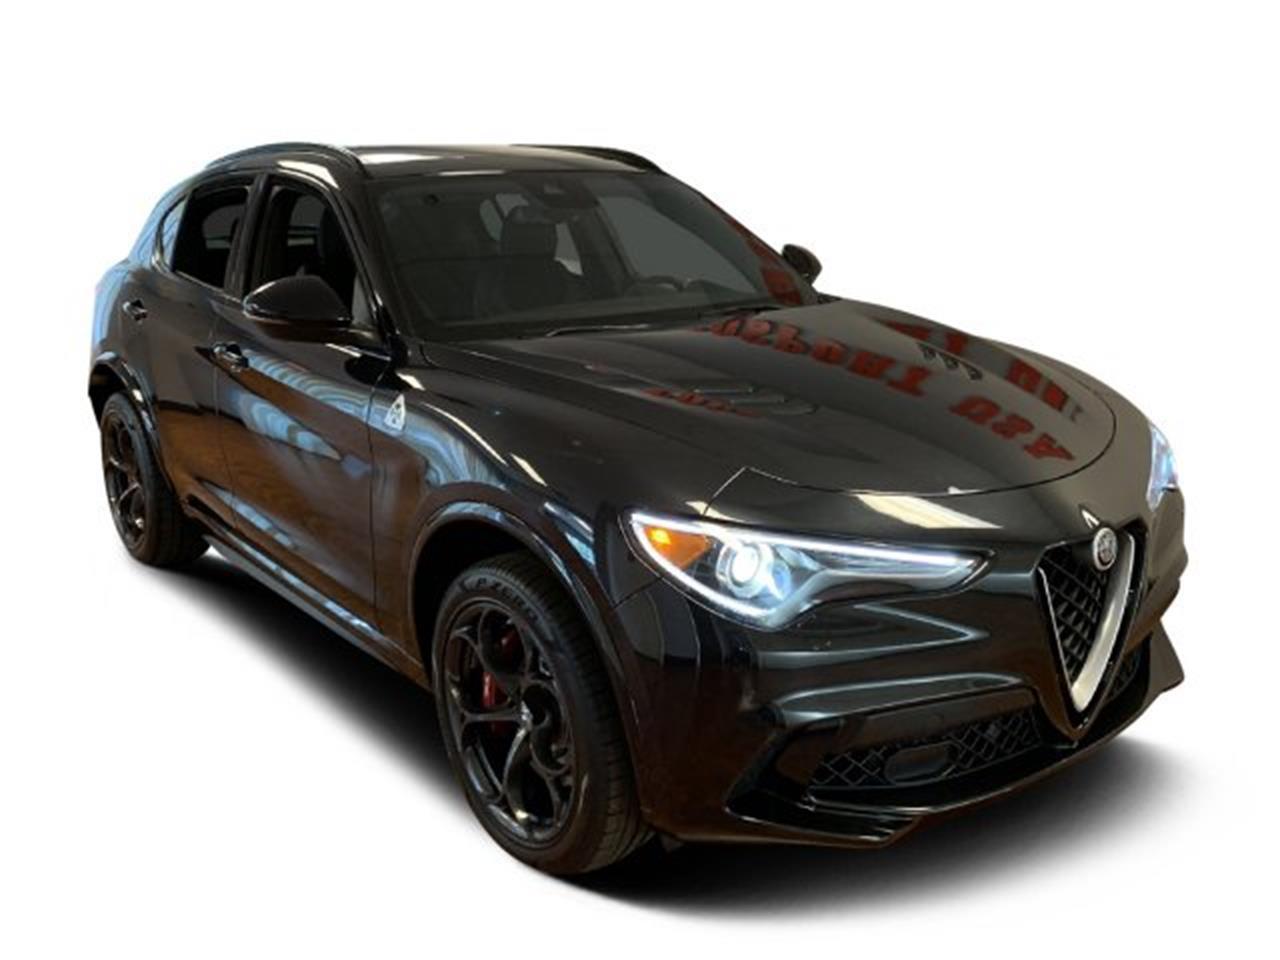 Large Picture of '18 Alfa Romeo Stelvio Quadrifoglio located in Florida - $73,900.00 - PXPS